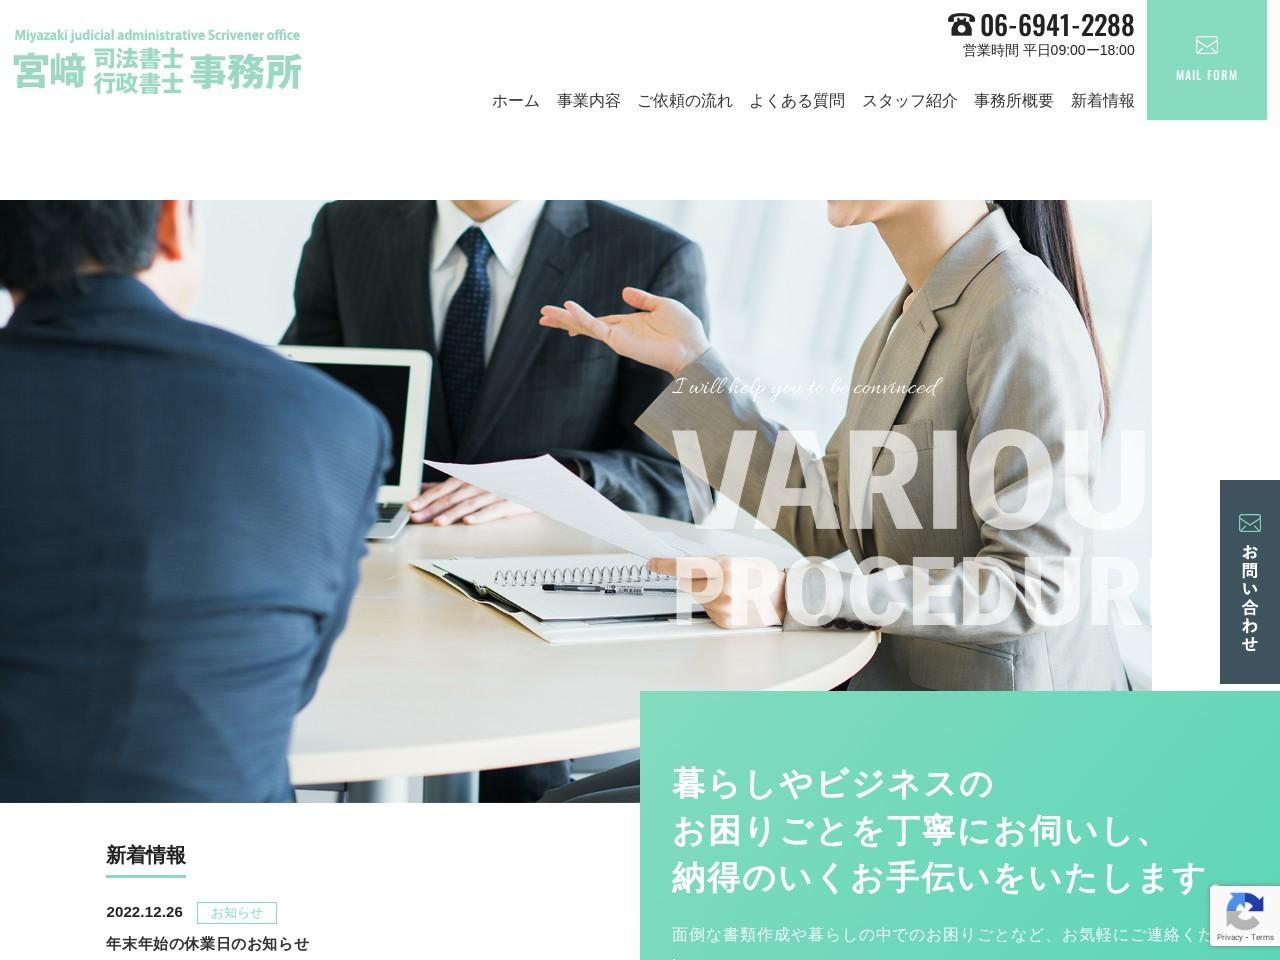 宮崎司法・行政書士事務所